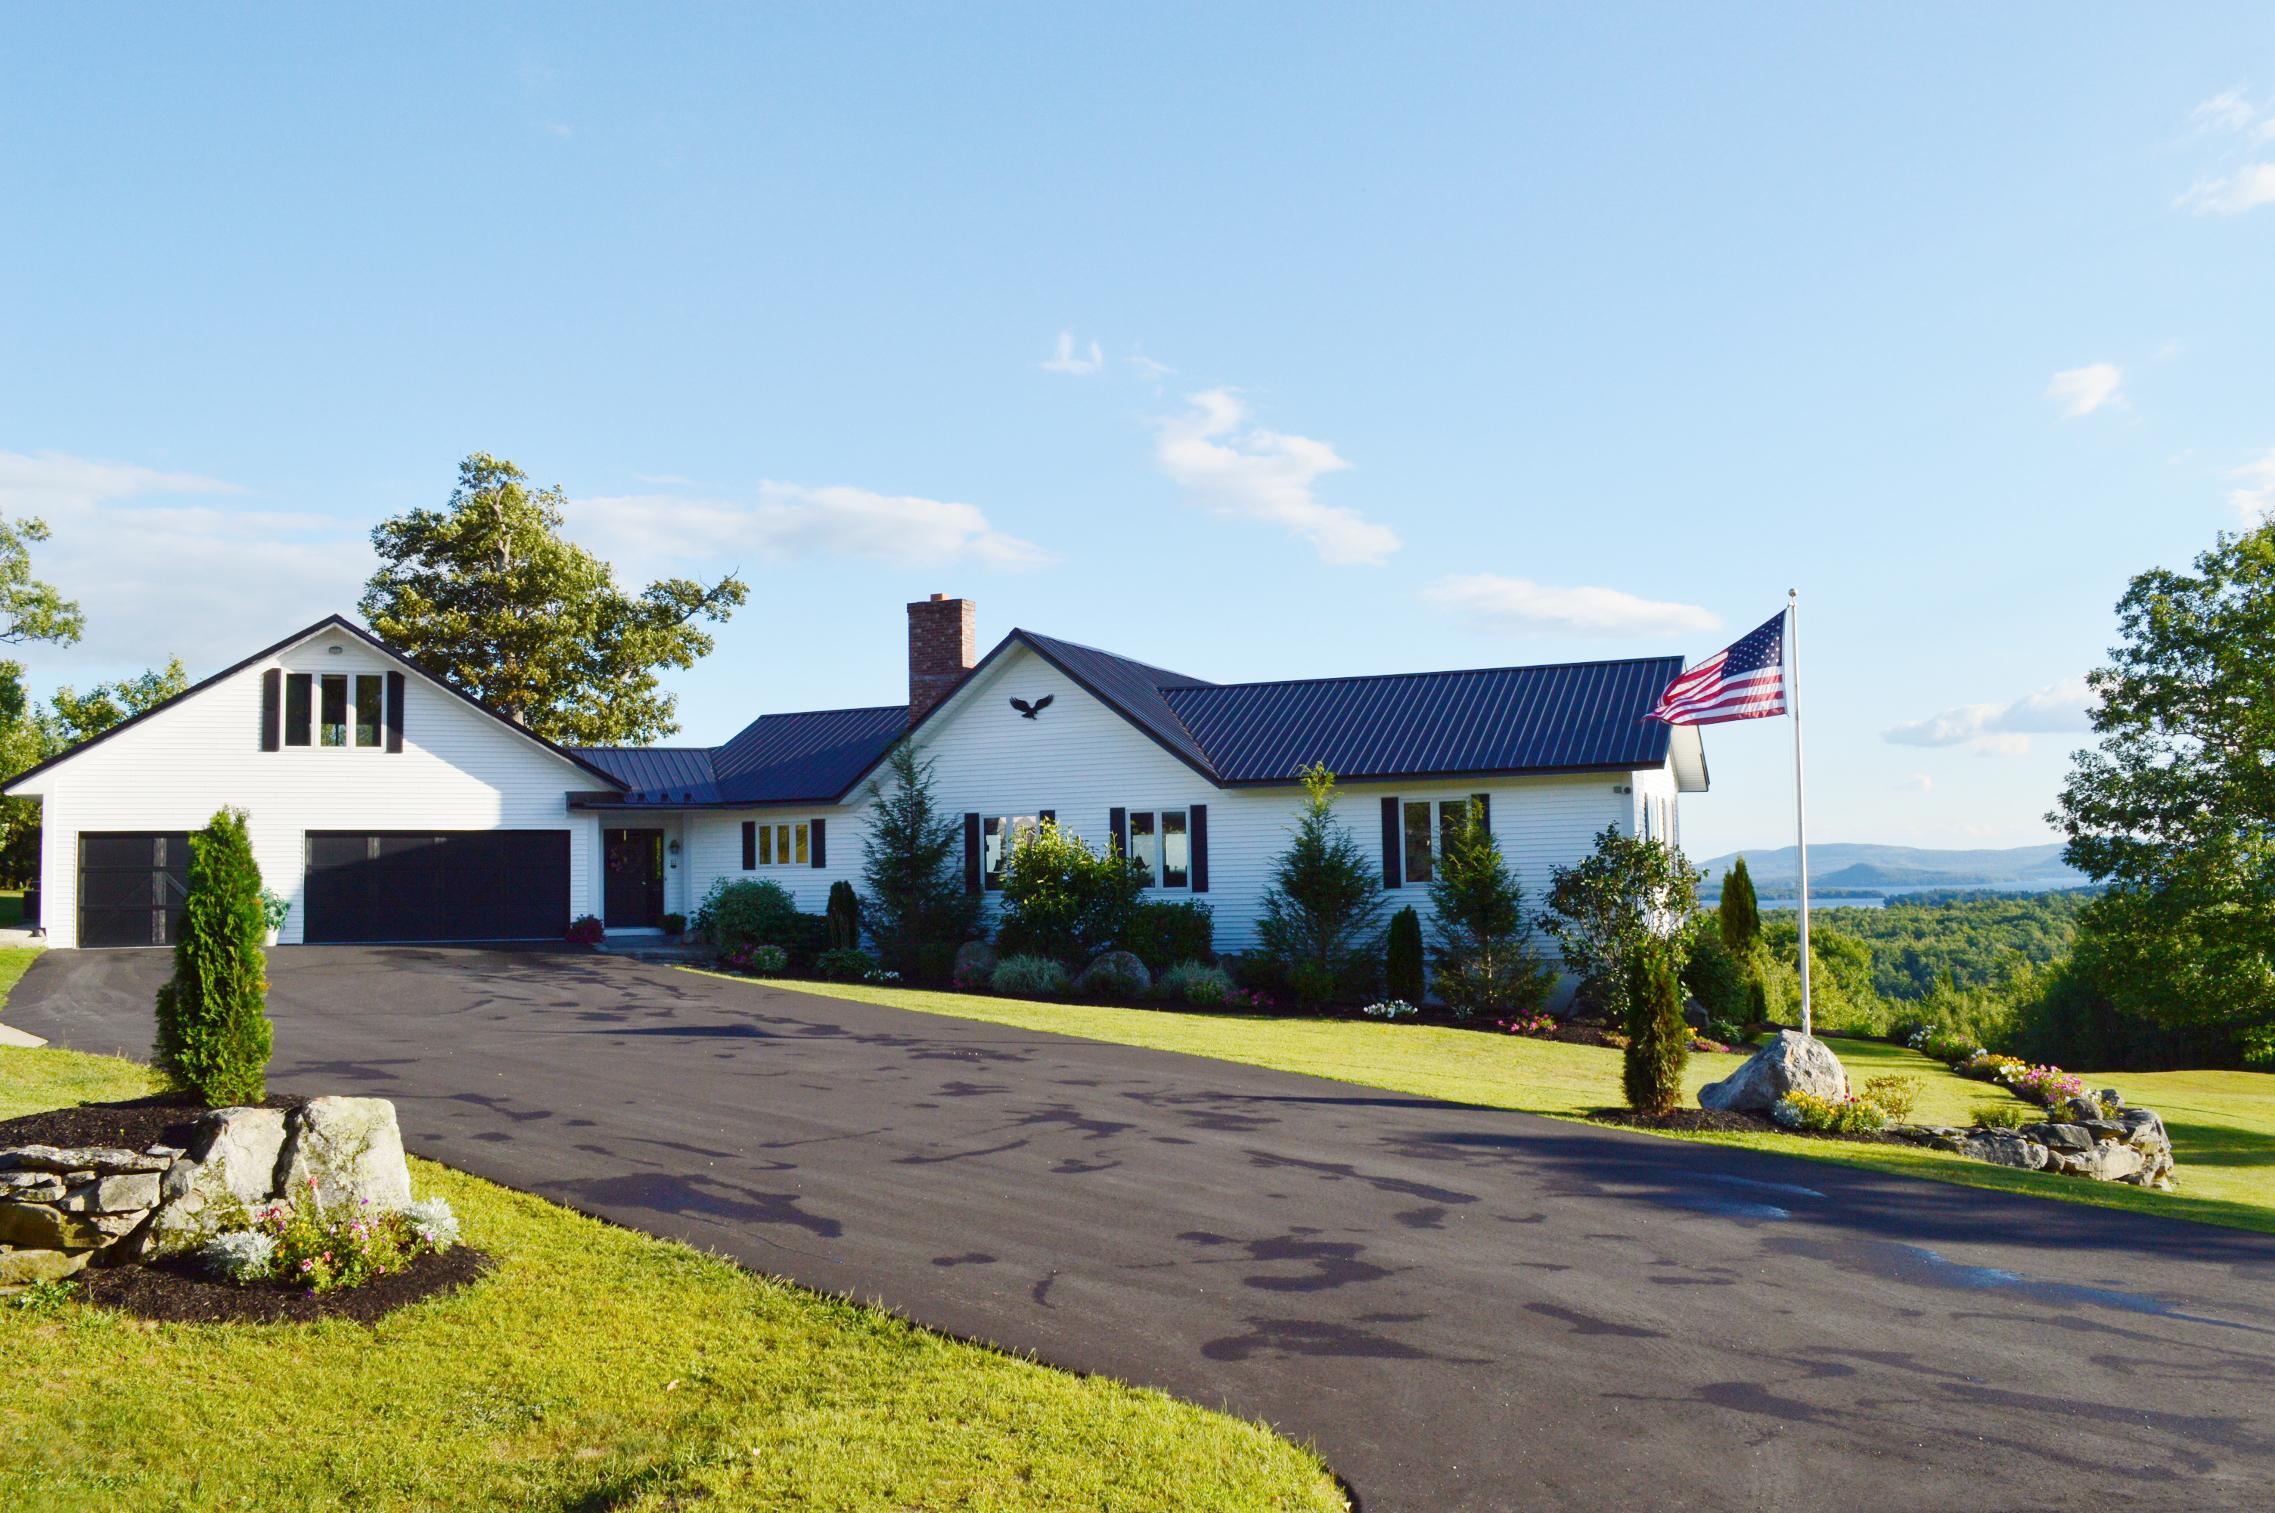 Частный односемейный дом для того Продажа на 61 Furber Lane, Wolfeboro 61 Furber Ln Wolfeboro, Нью-Гэмпшир, 03894 Соединенные Штаты